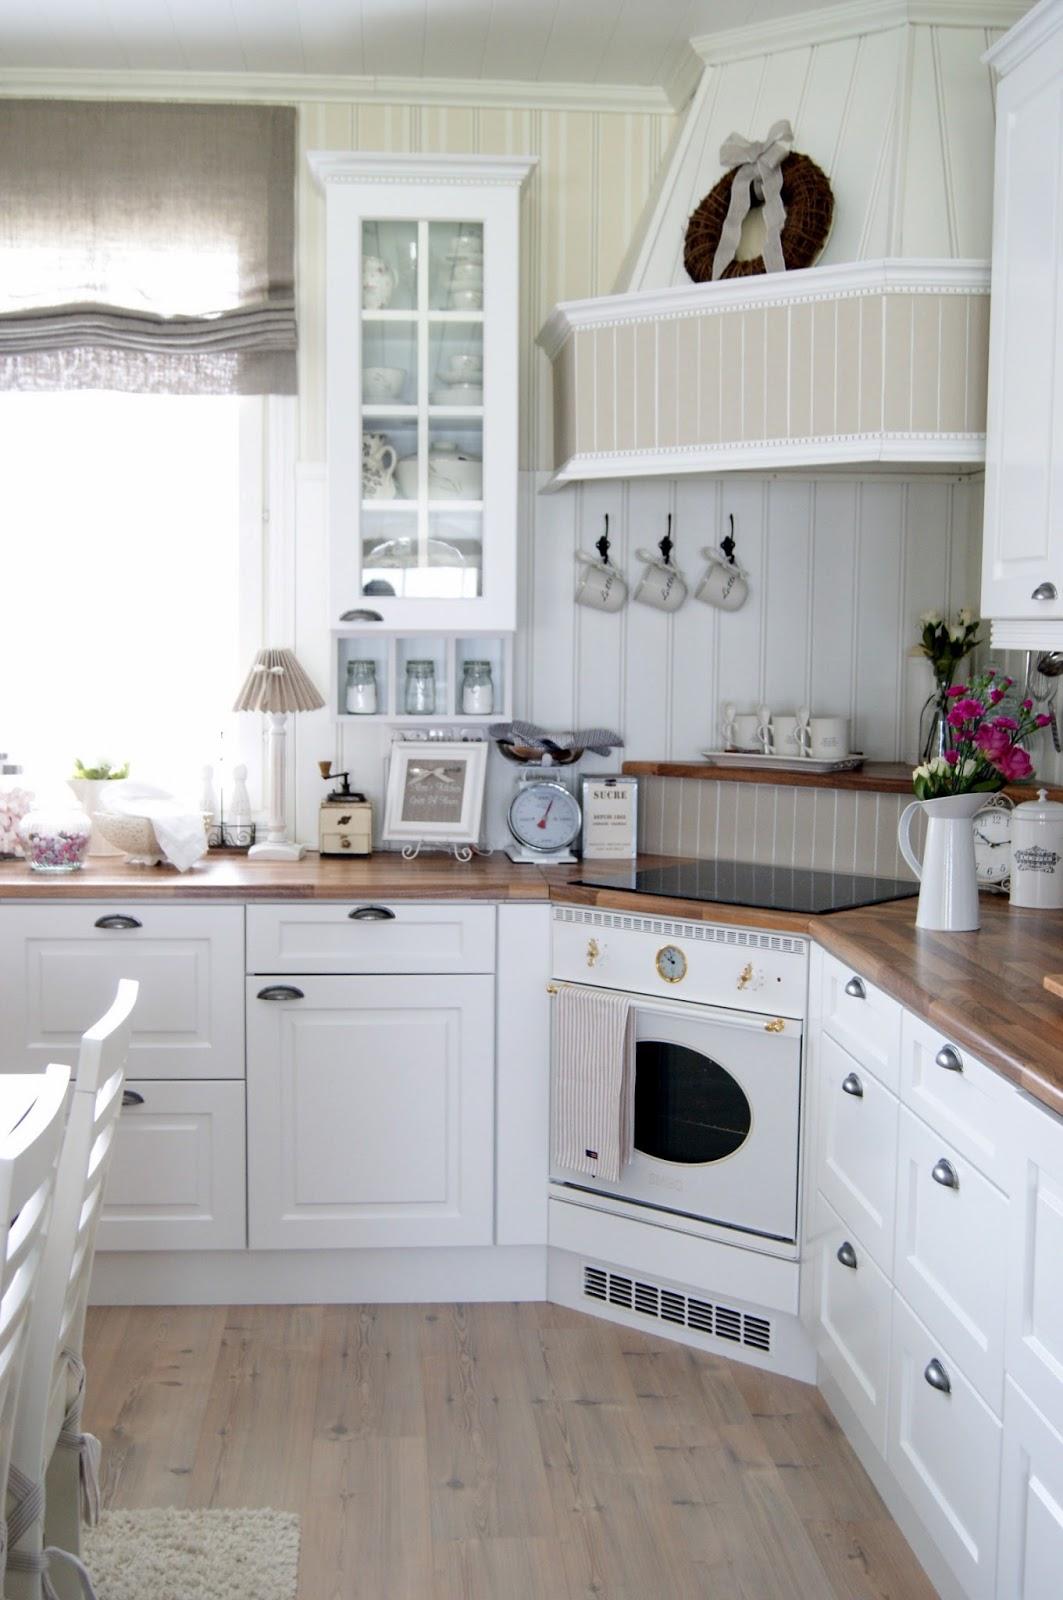 Inspirace kuchyňka - Obrázek č. 32